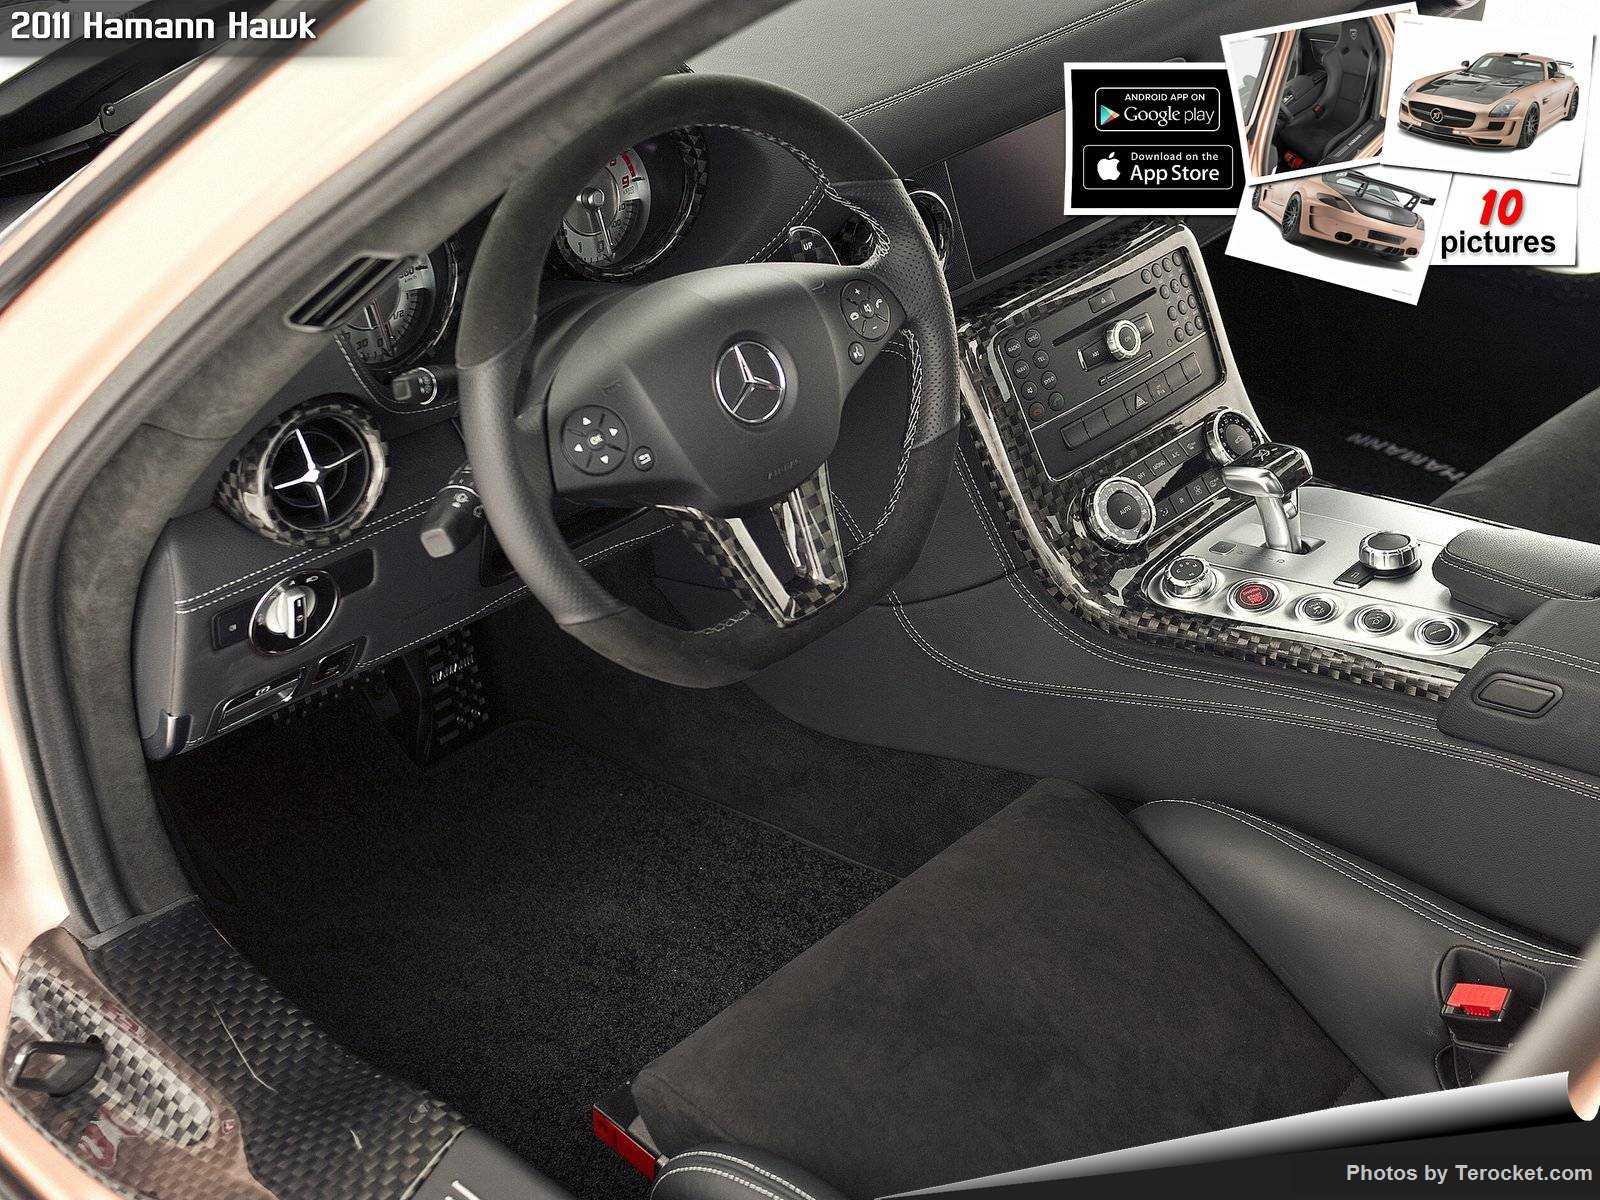 Hình ảnh xe ô tô Hamann Hawk 2011 & nội ngoại thất